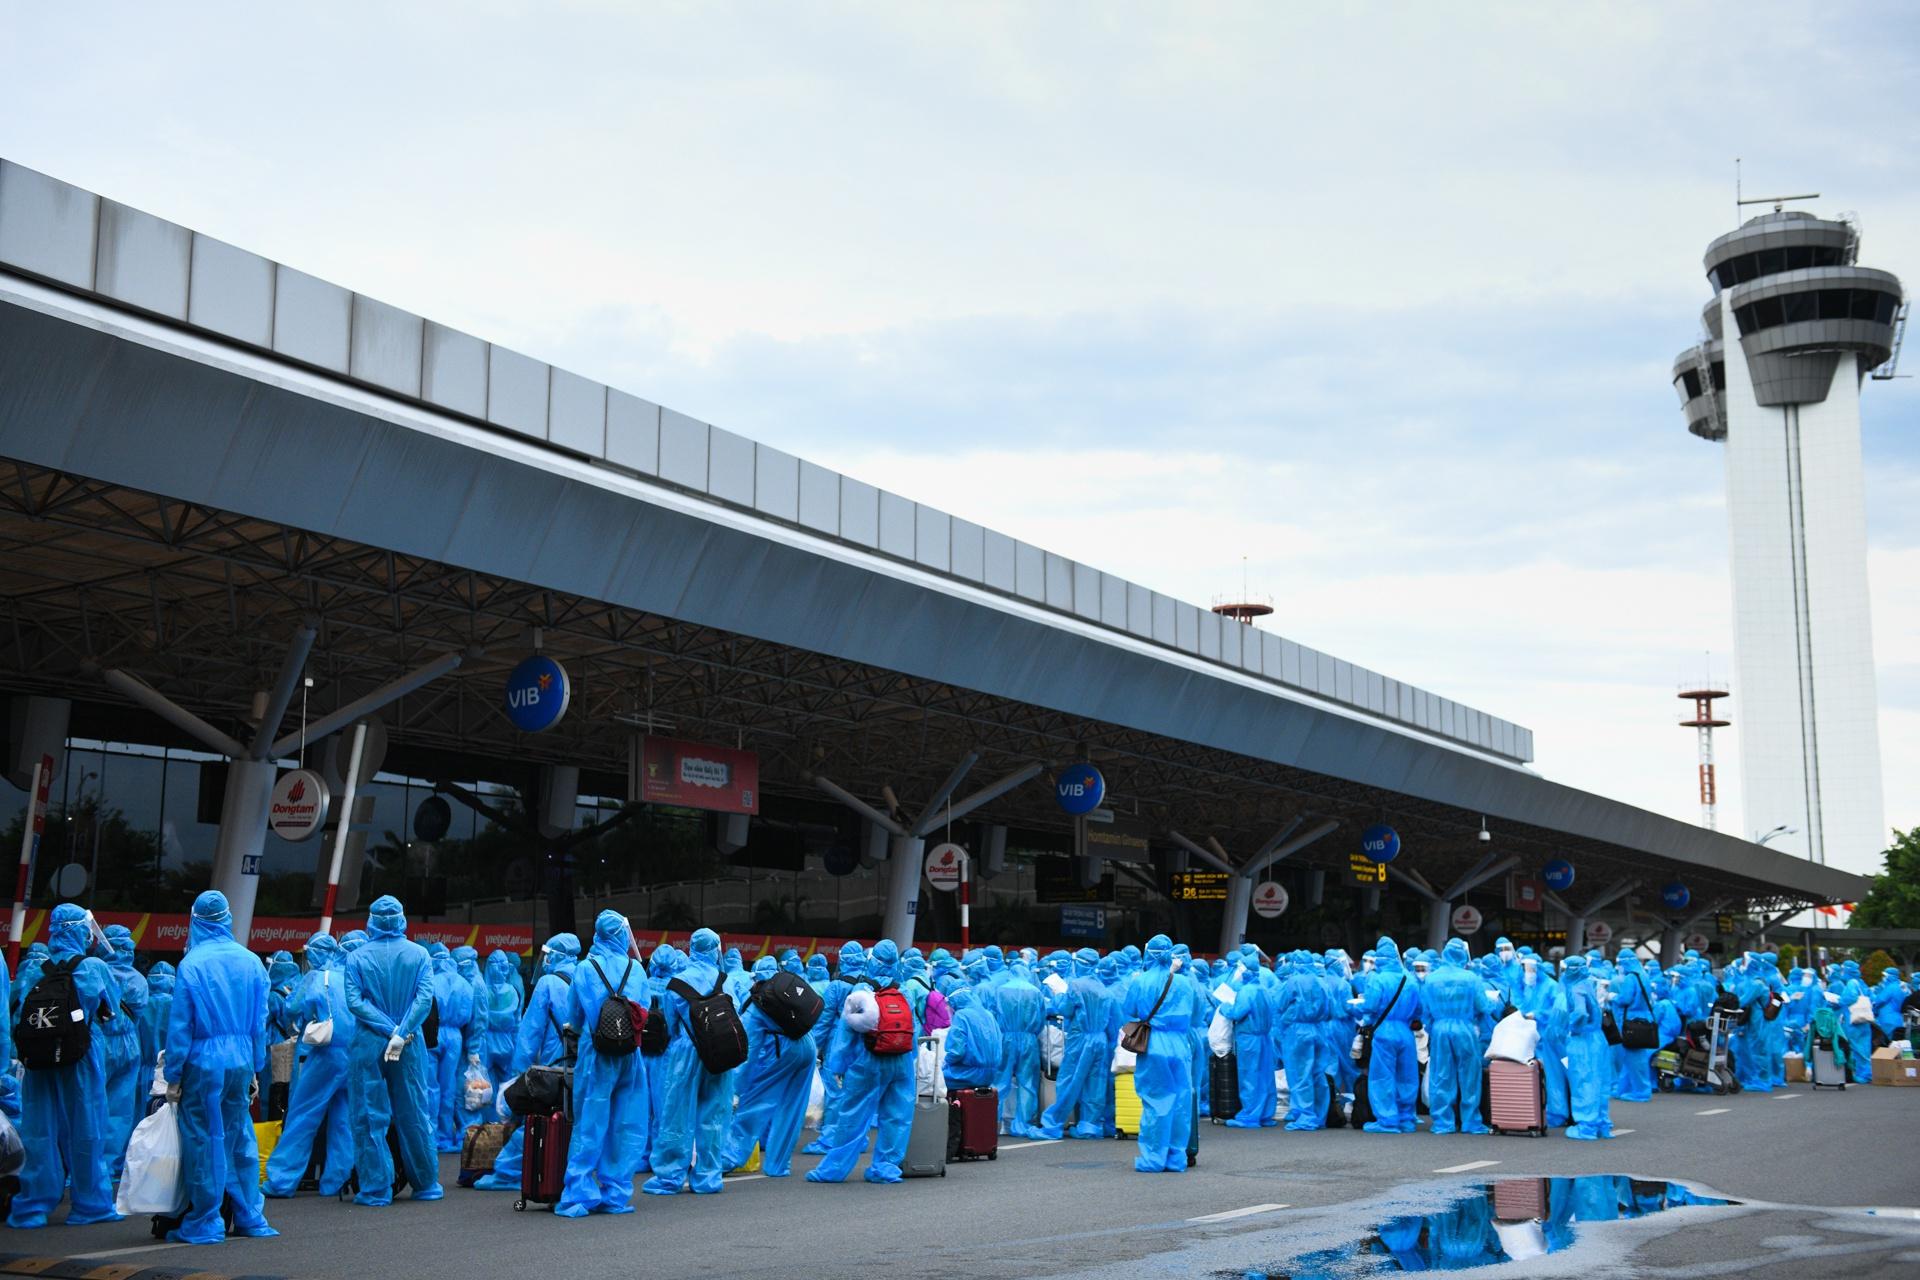 san bay Tan Son Nhat,  dich benh bung phat anh 1  - san_bay_zing_7721 - Sắc xanh áo bảo hộ phủ kín nhà ga hàng không Tân Sơn Nhất